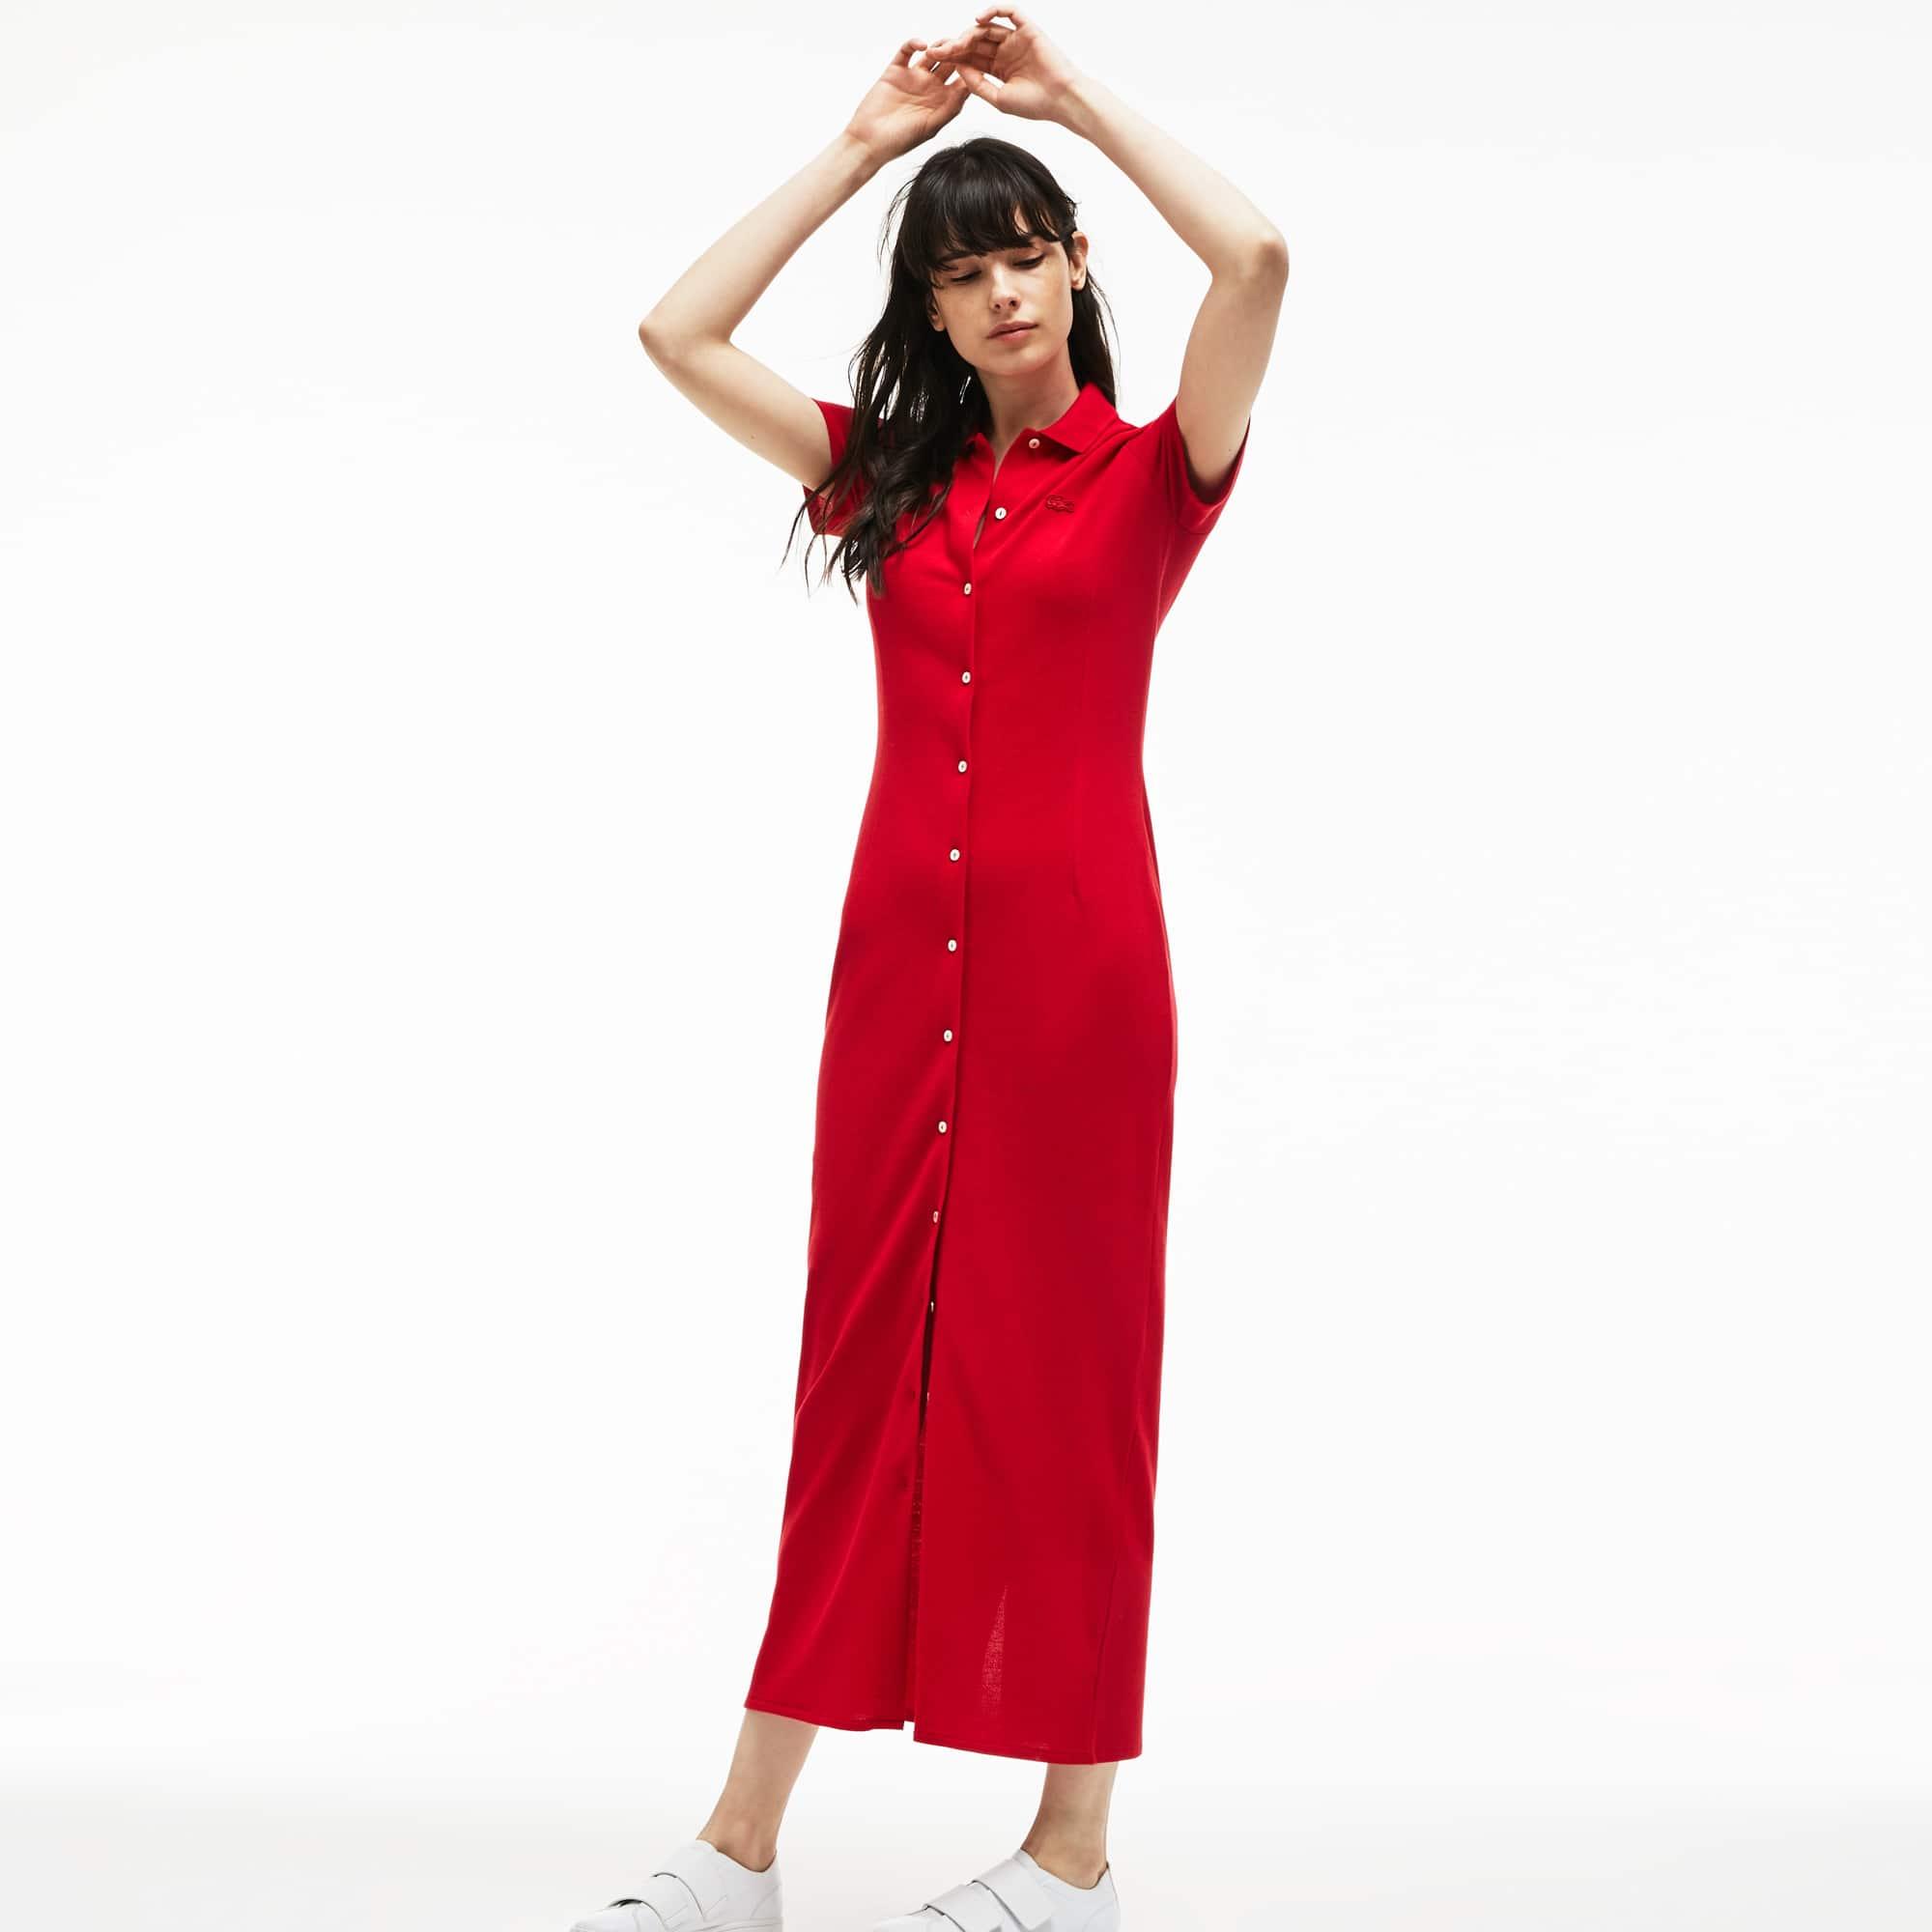 Langes Damen-Polokleid aus schwerem Piqué mit Knöpfen